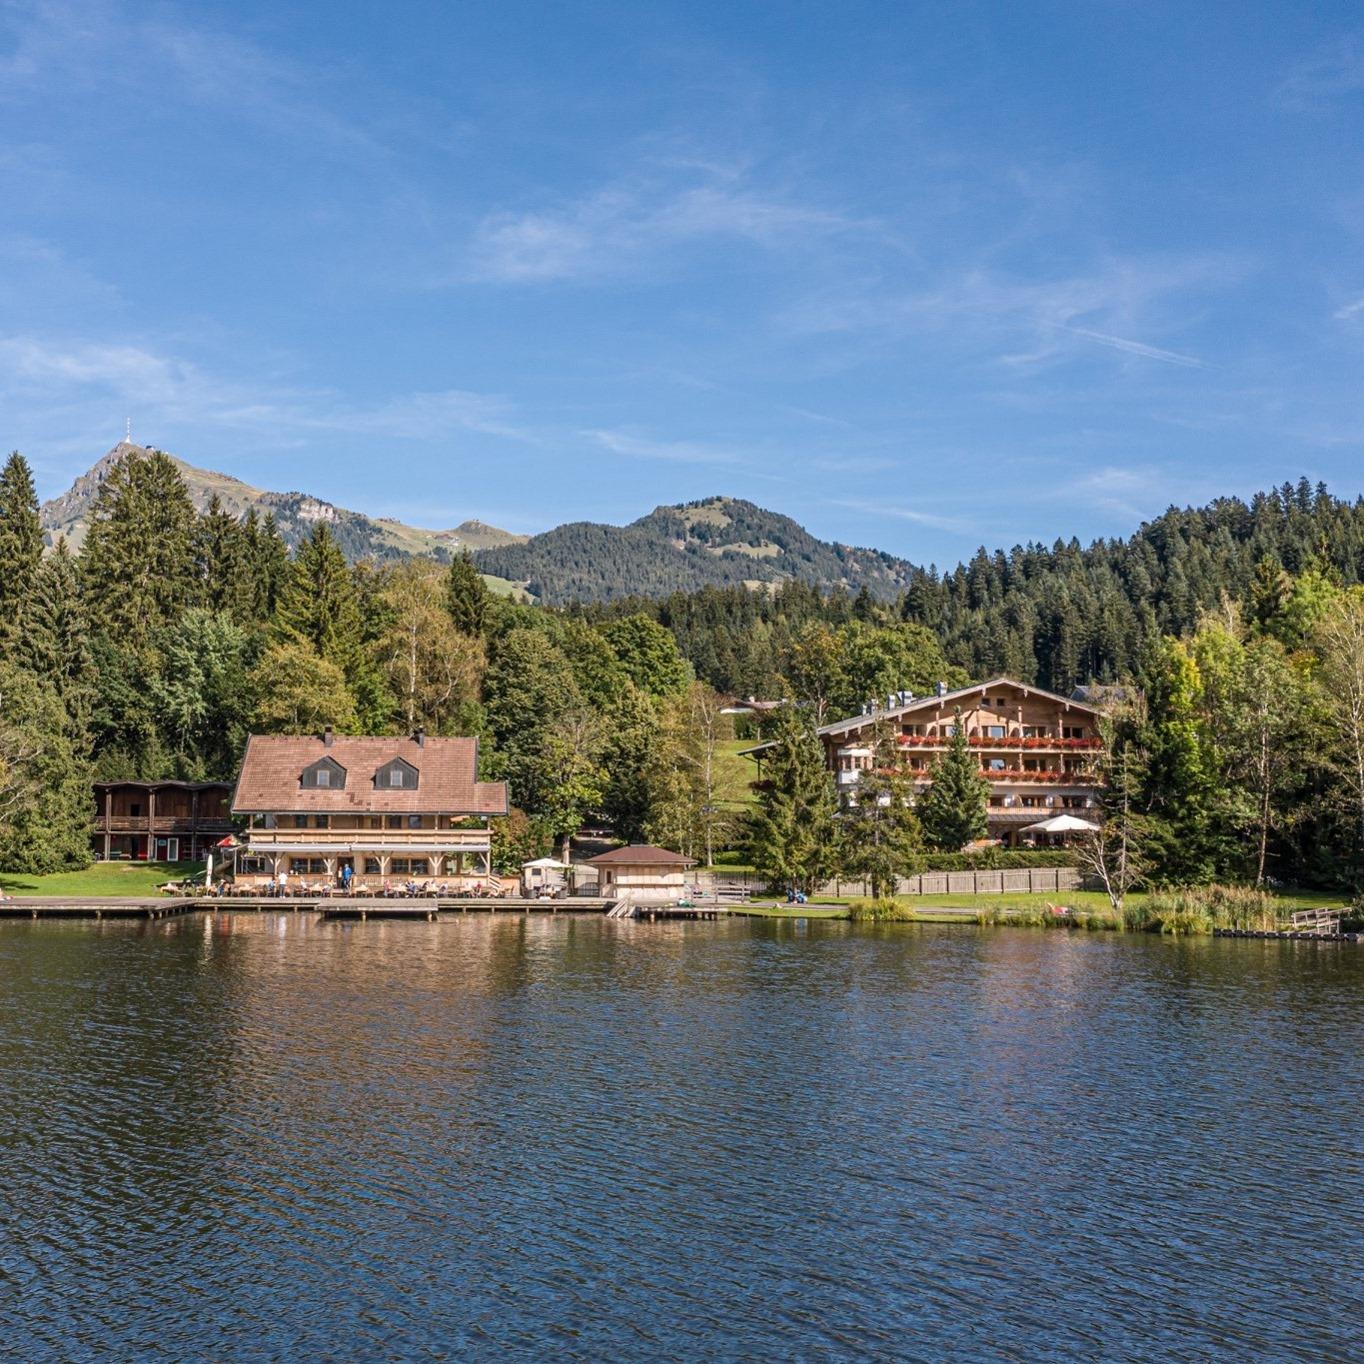 Alpenhotel Schwarzsee